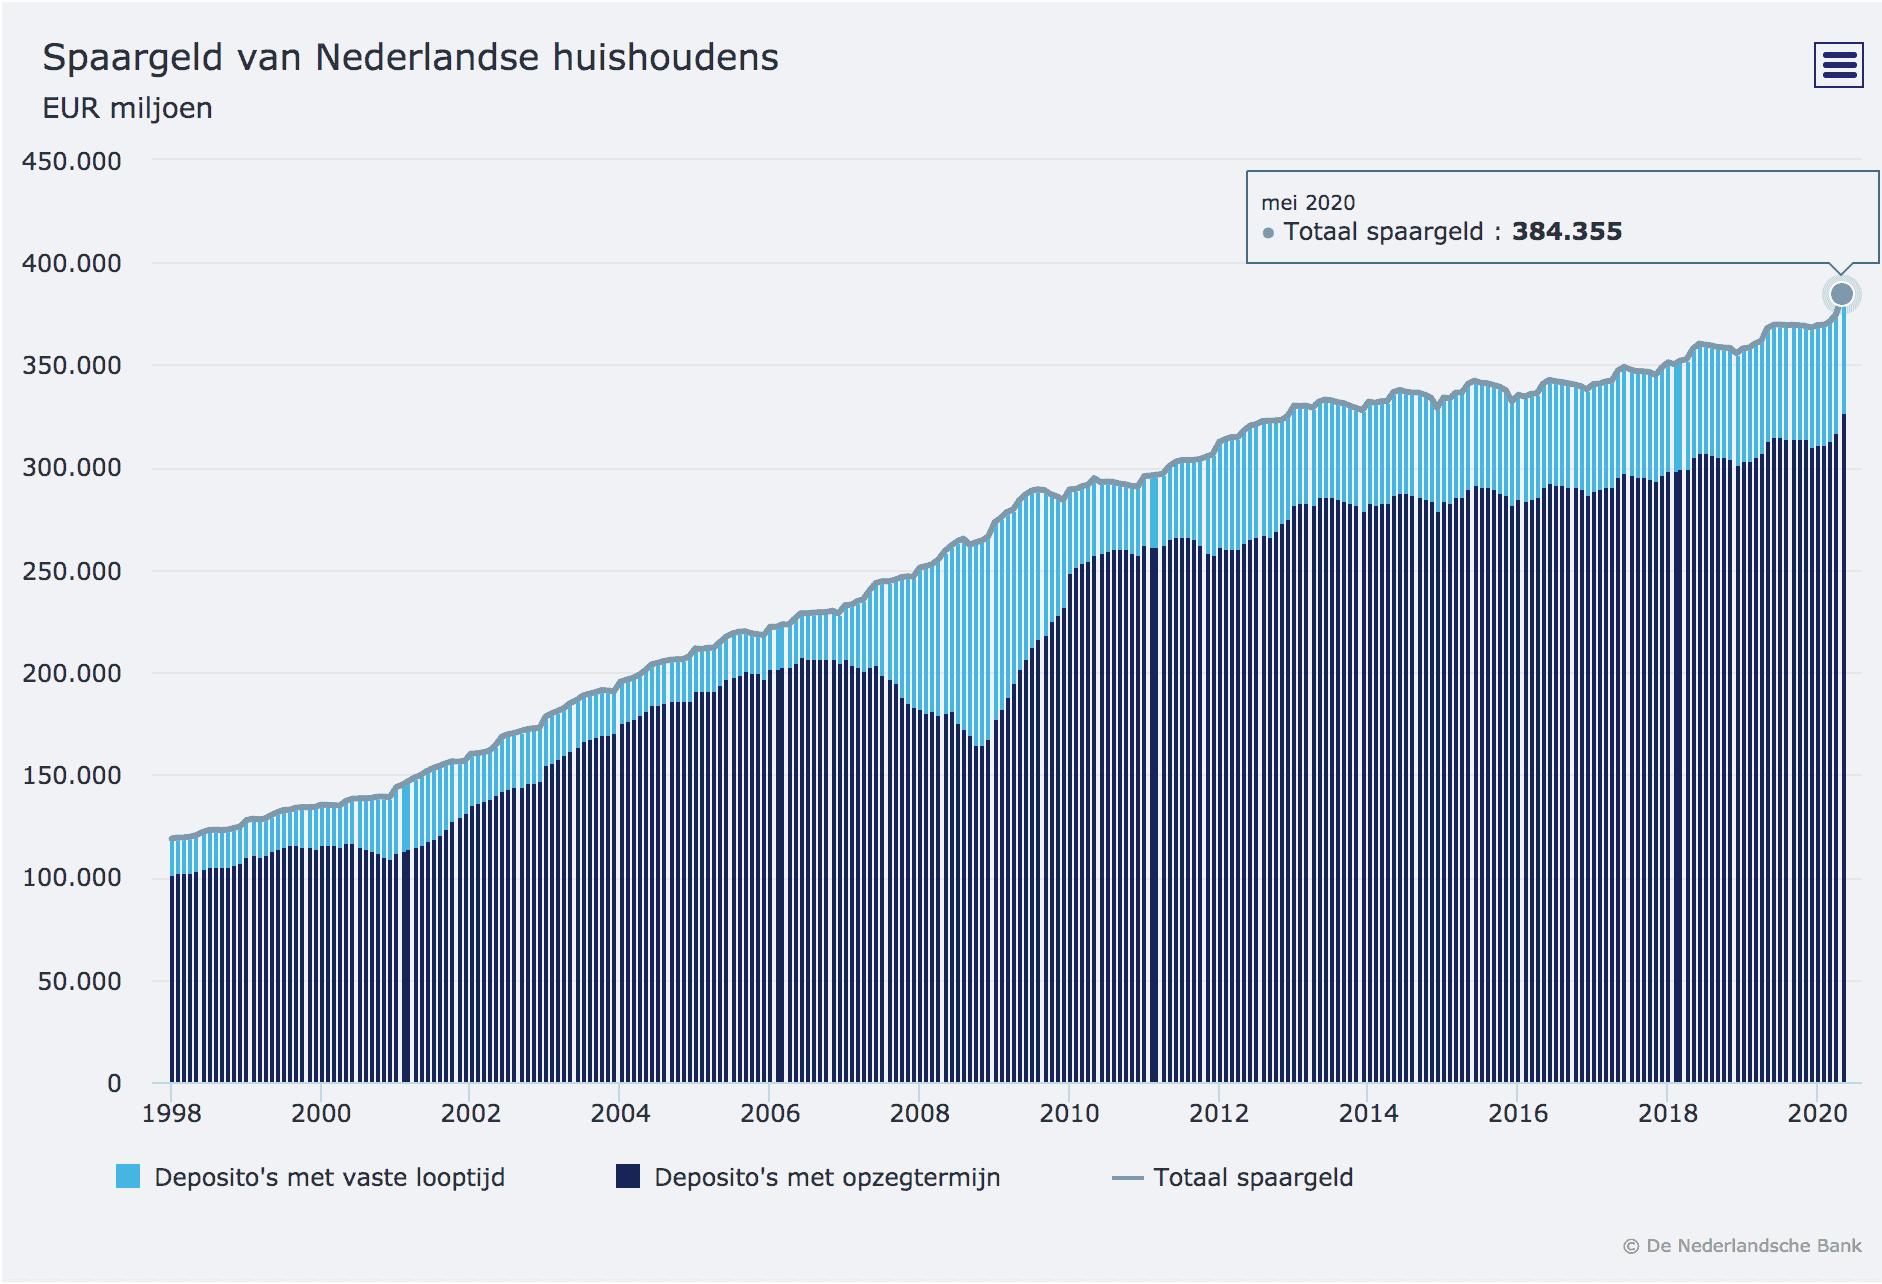 Spaargeld_nederlandse_huishoudens_spaarrentesvergelijken